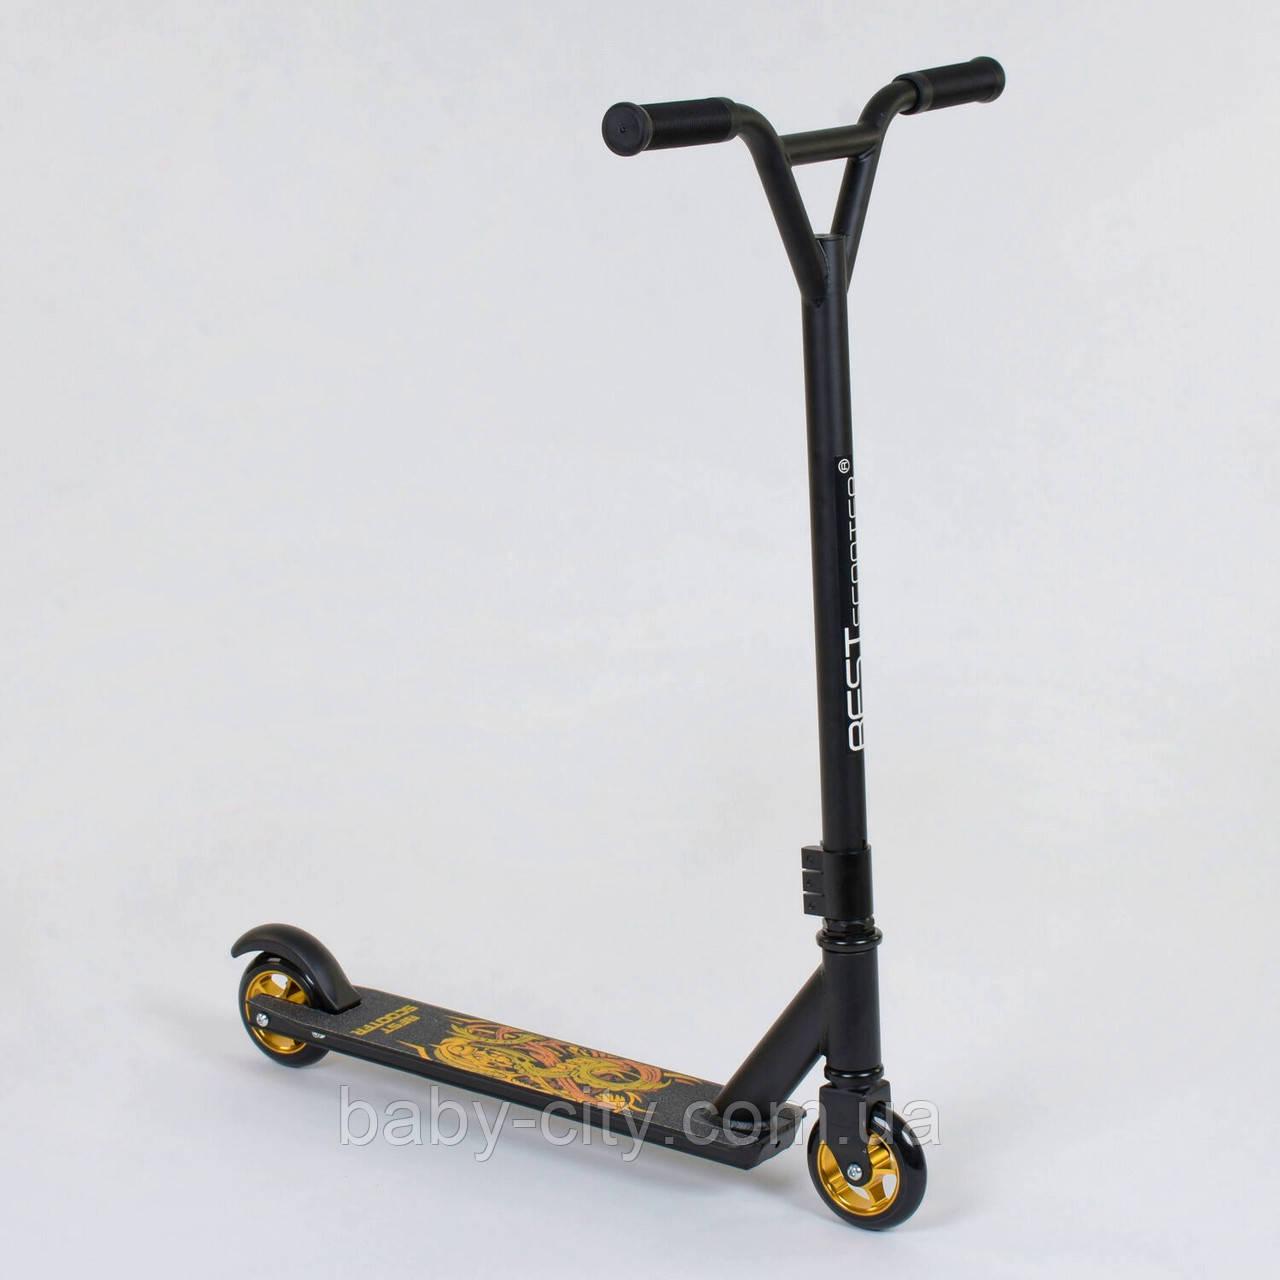 Самокат трюковый Best Scooter 41770 Черно-Оранжевый